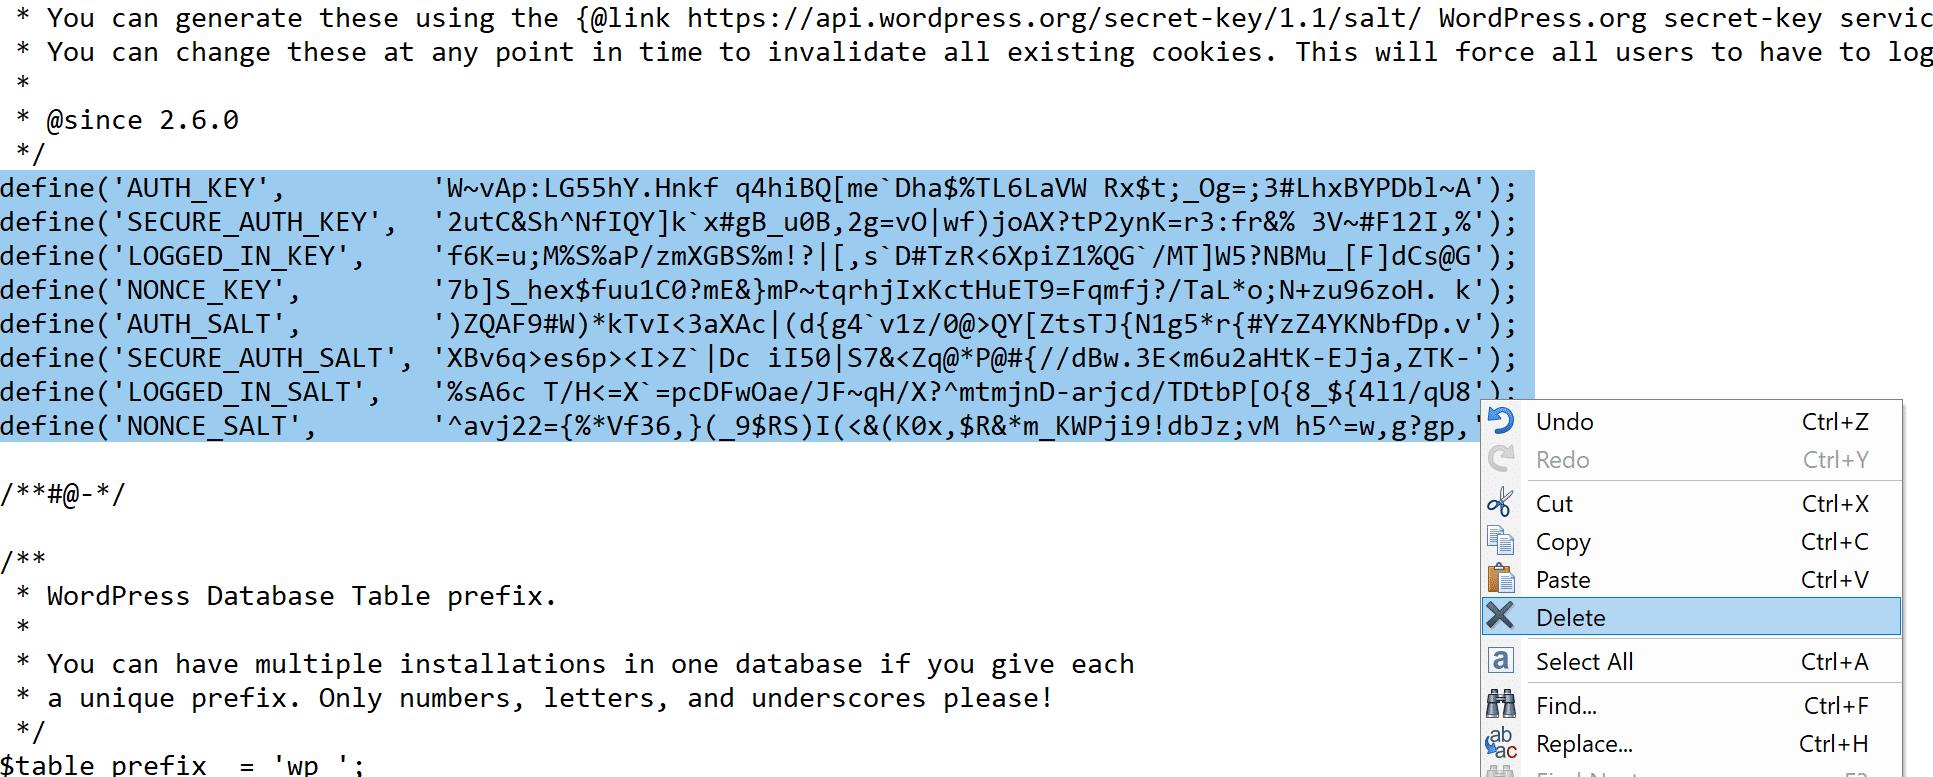 Sådan ændres salts i wp-config.php